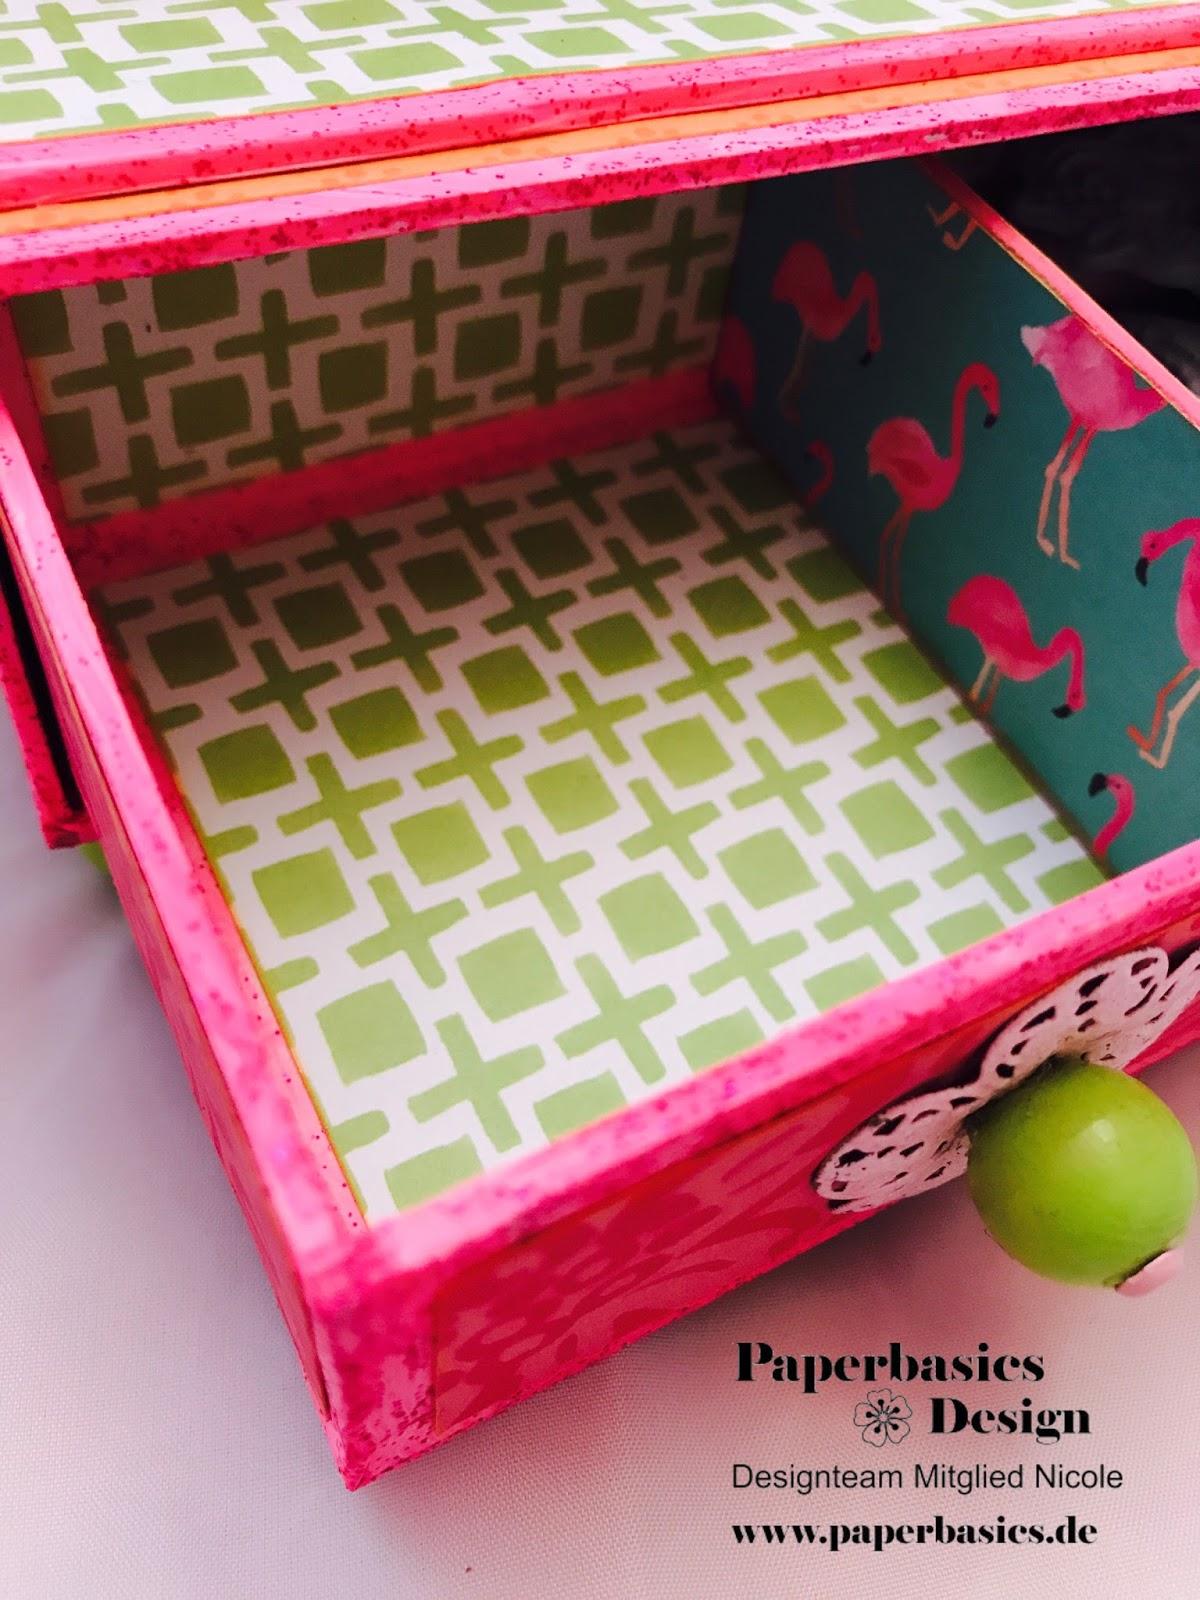 Schreibtisch utensilo for Schreibtisch utensilo